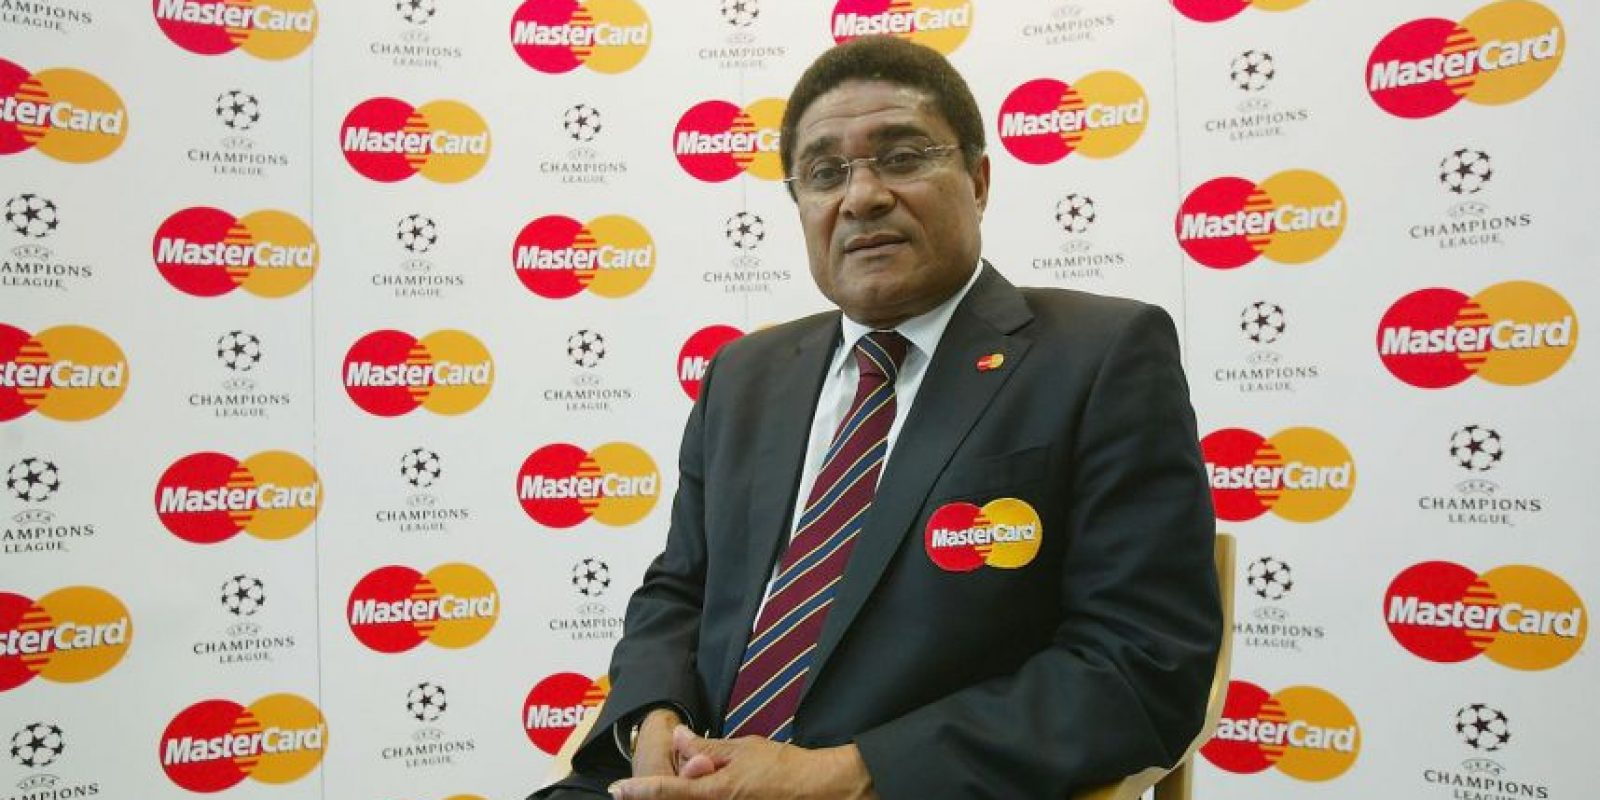 """La """"Pantera Negra"""" es """"un mito y la figura más grande del fútbol de Portugal"""", según la FIFA. Foto:Getty Images"""